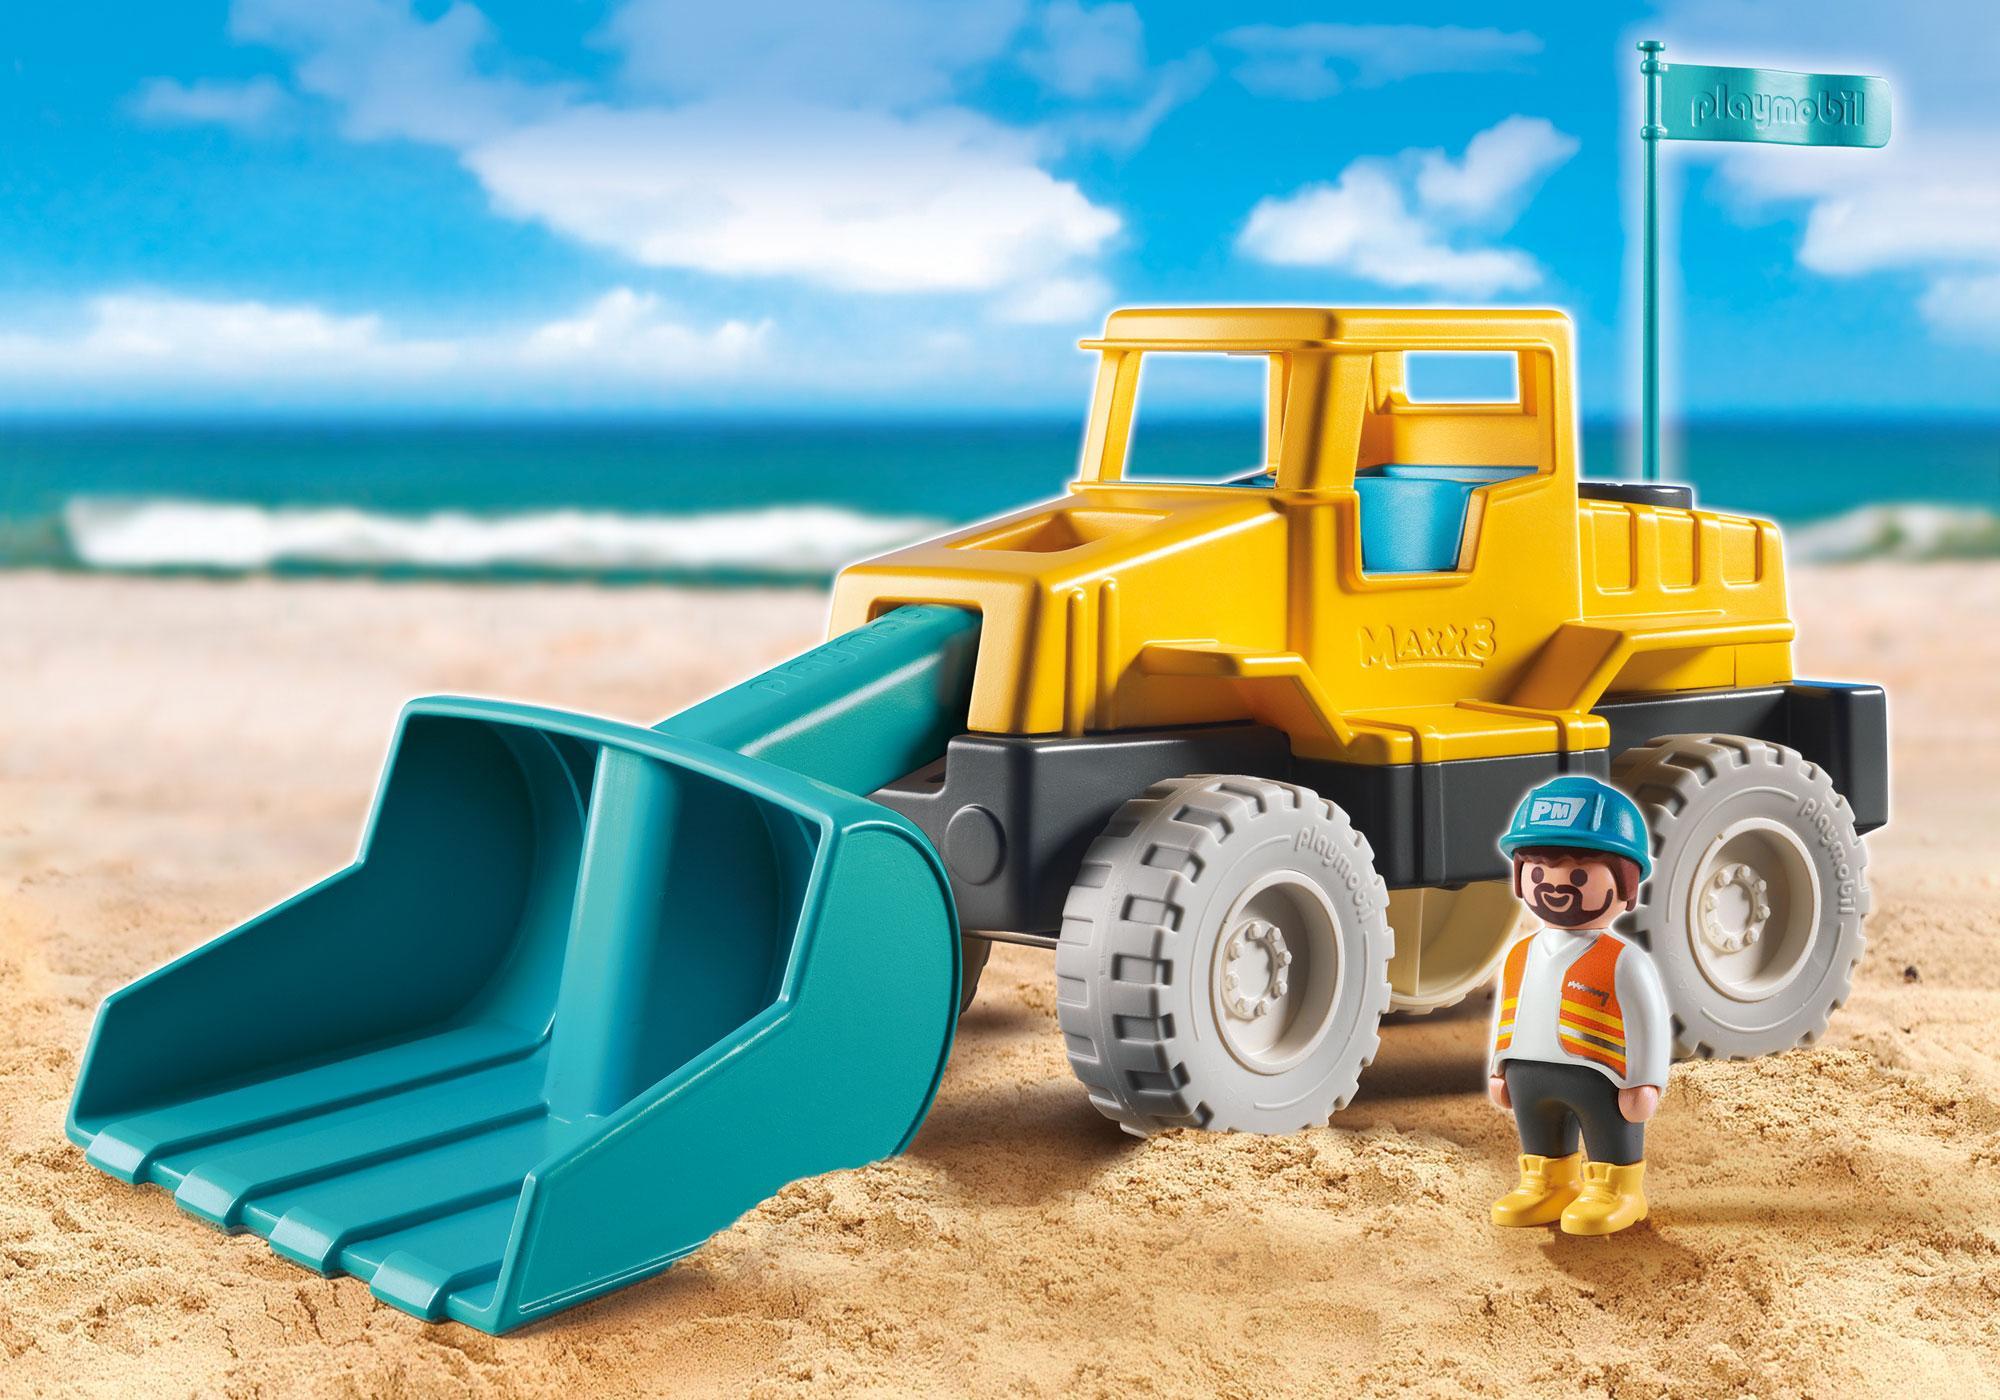 http://media.playmobil.com/i/playmobil/9145_product_detail/Escavadora